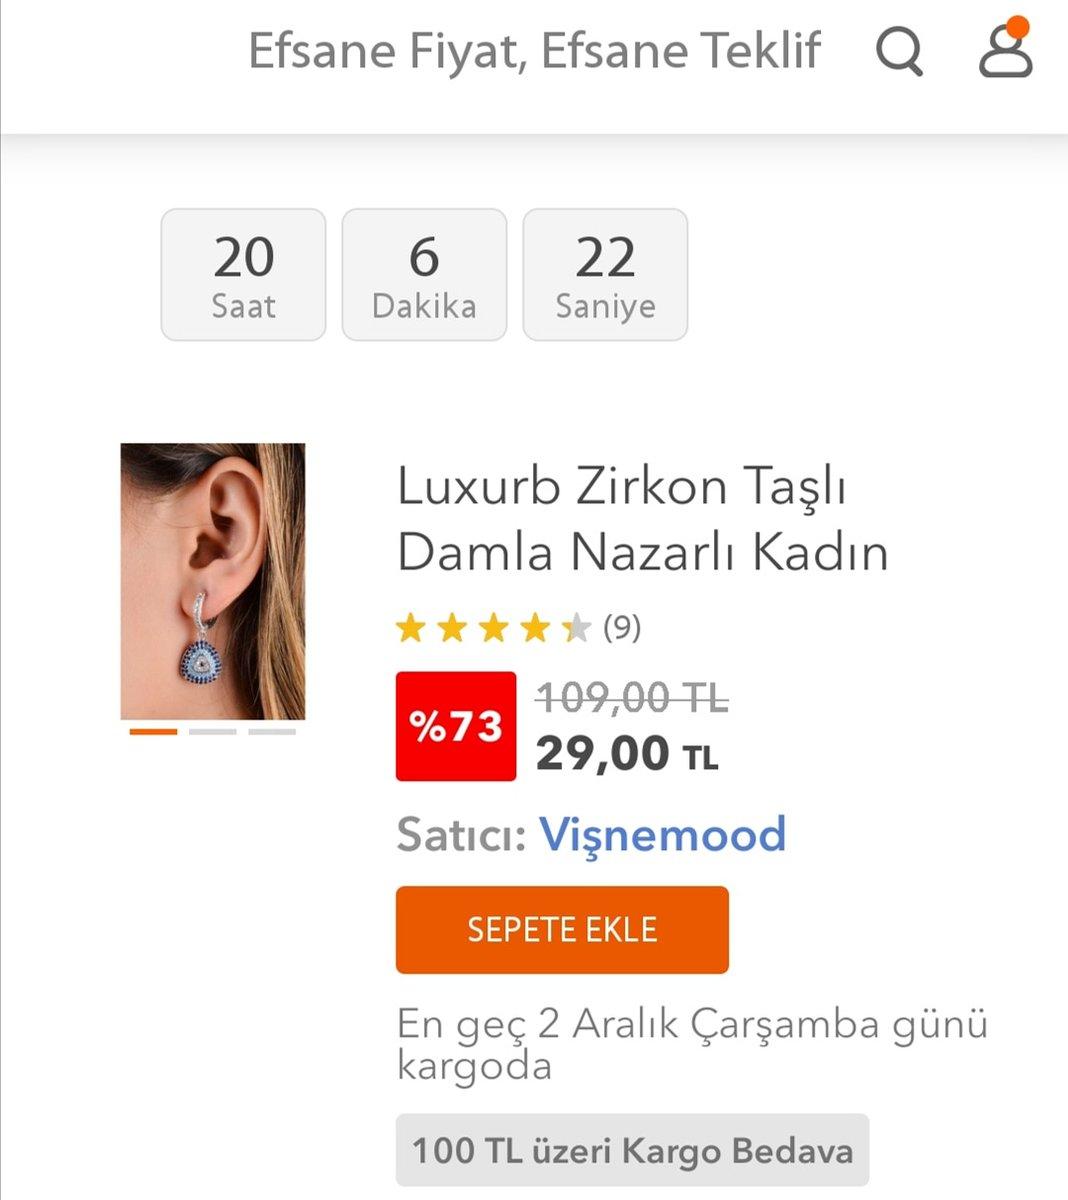 Luxurb Zirkon Taşlı Damla Nazarlı Kadın Küpe Efsane Kasıma Özel 29,00 TL fiyatıyla Hepsiburada'da. Mağaza linki profilde. #efsanekasim #hepsiburada #hepsiburadakoleksiyonum #küpe #kolye #bileklik #moda #trend #takı #kadın Satın almak için: